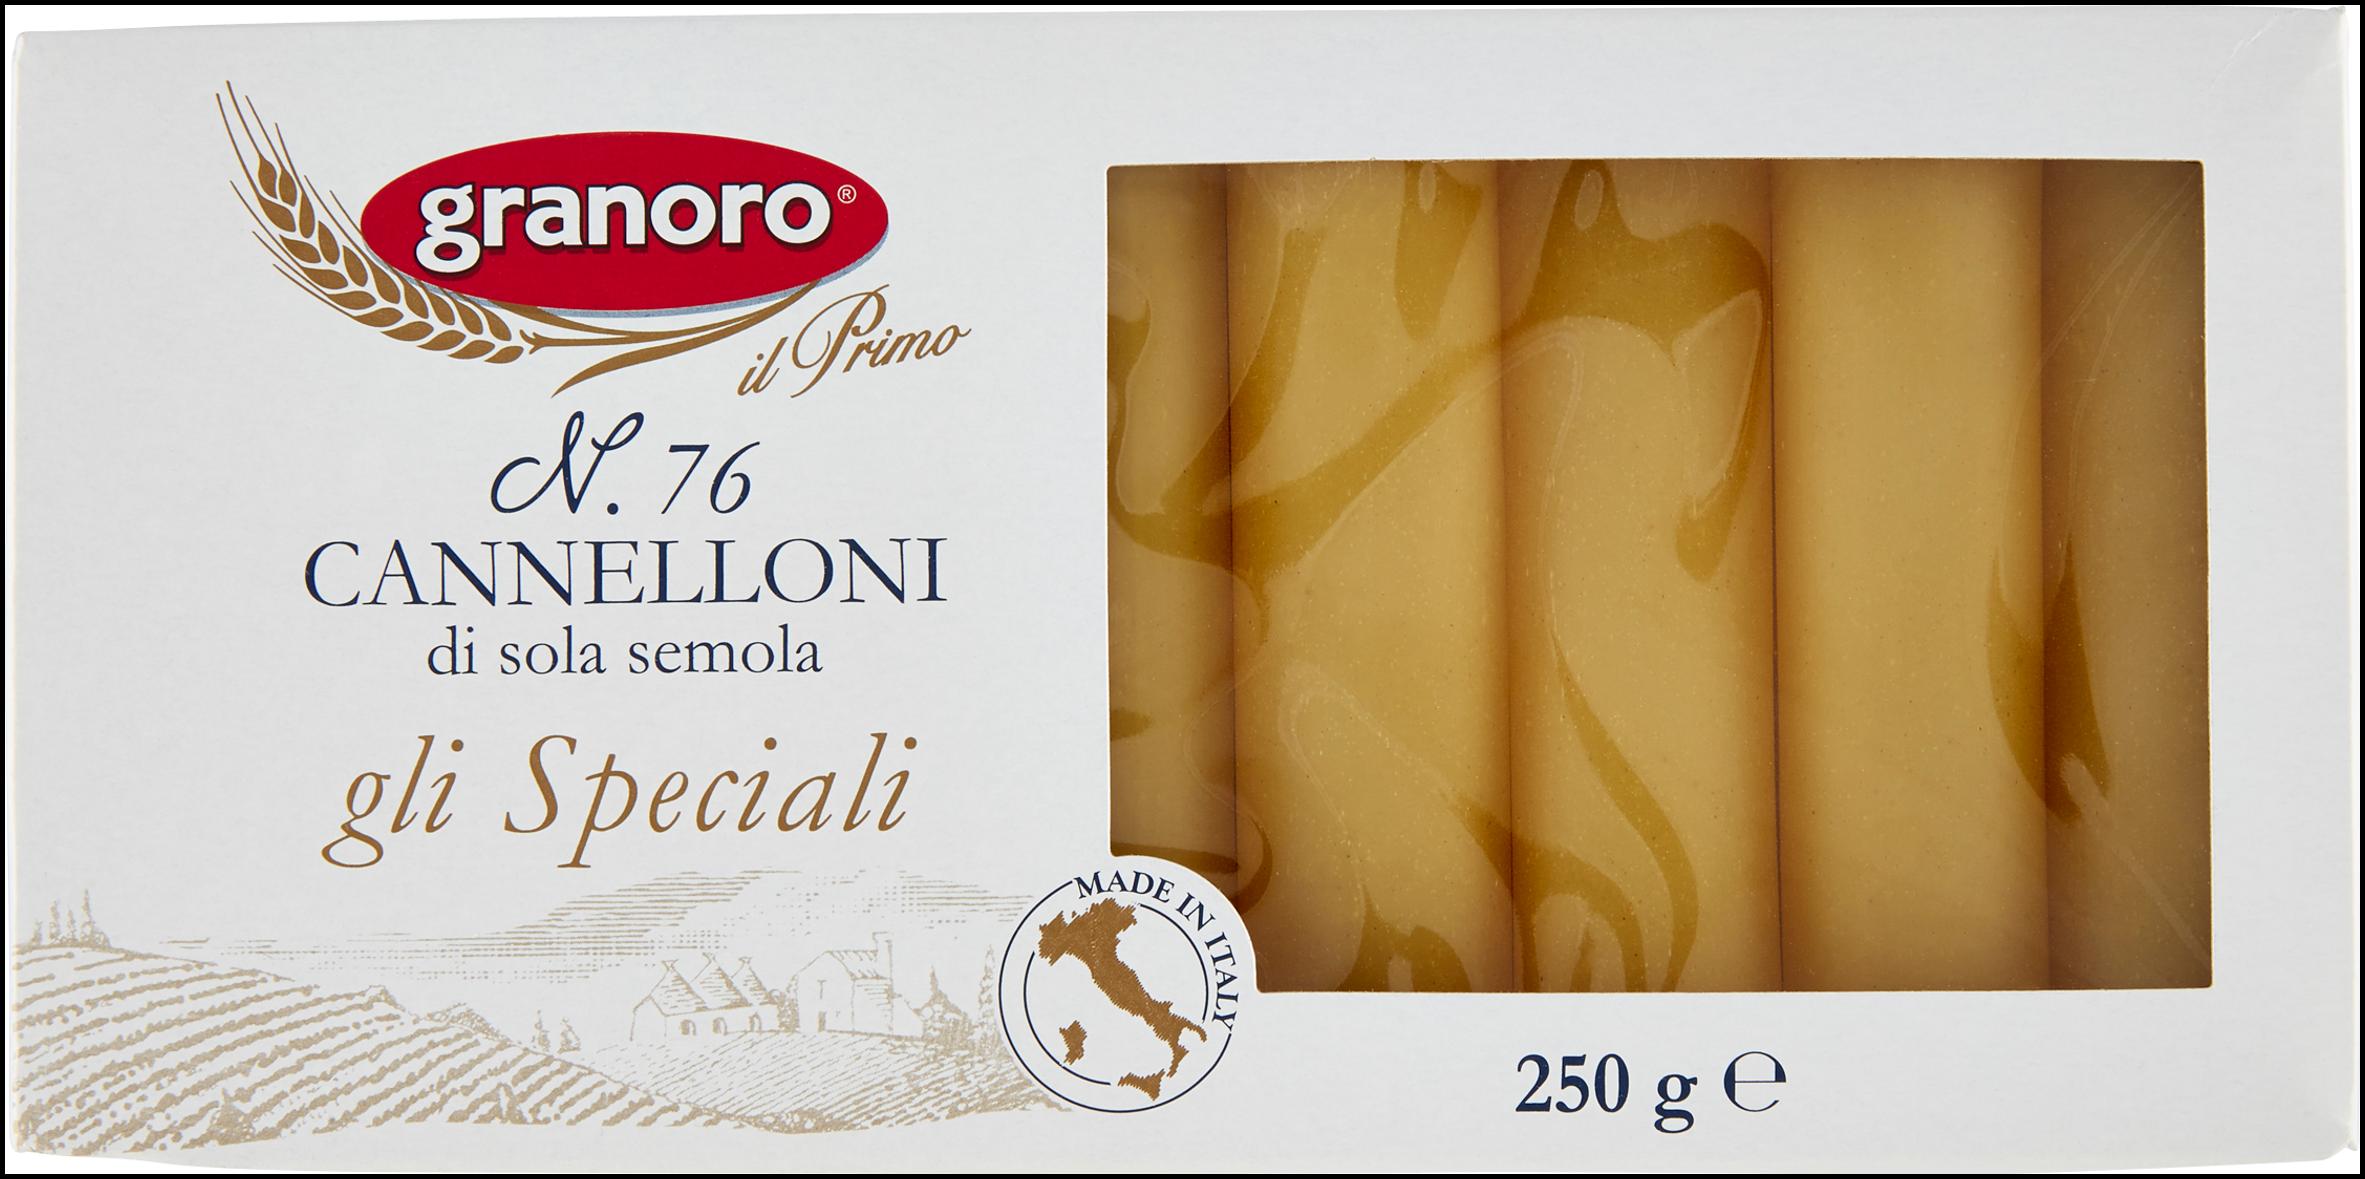 CANNELLONI SEMOLA GRANORO 250G N.76